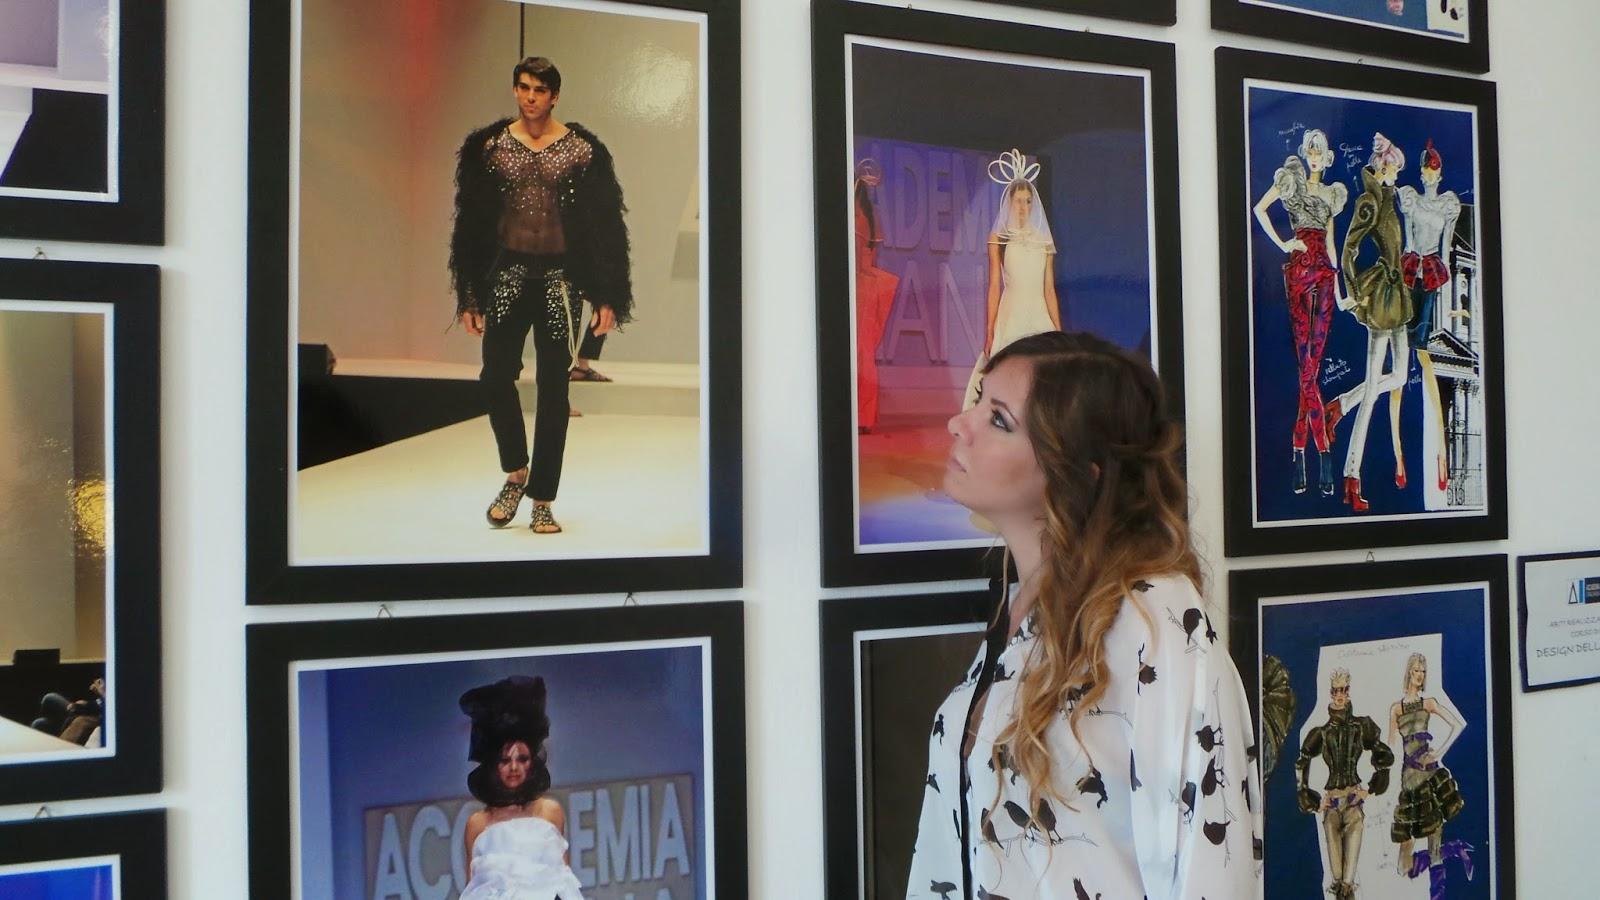 Le stanze della moda mostre di moda a roma ci pensano for Accademie di moda milano